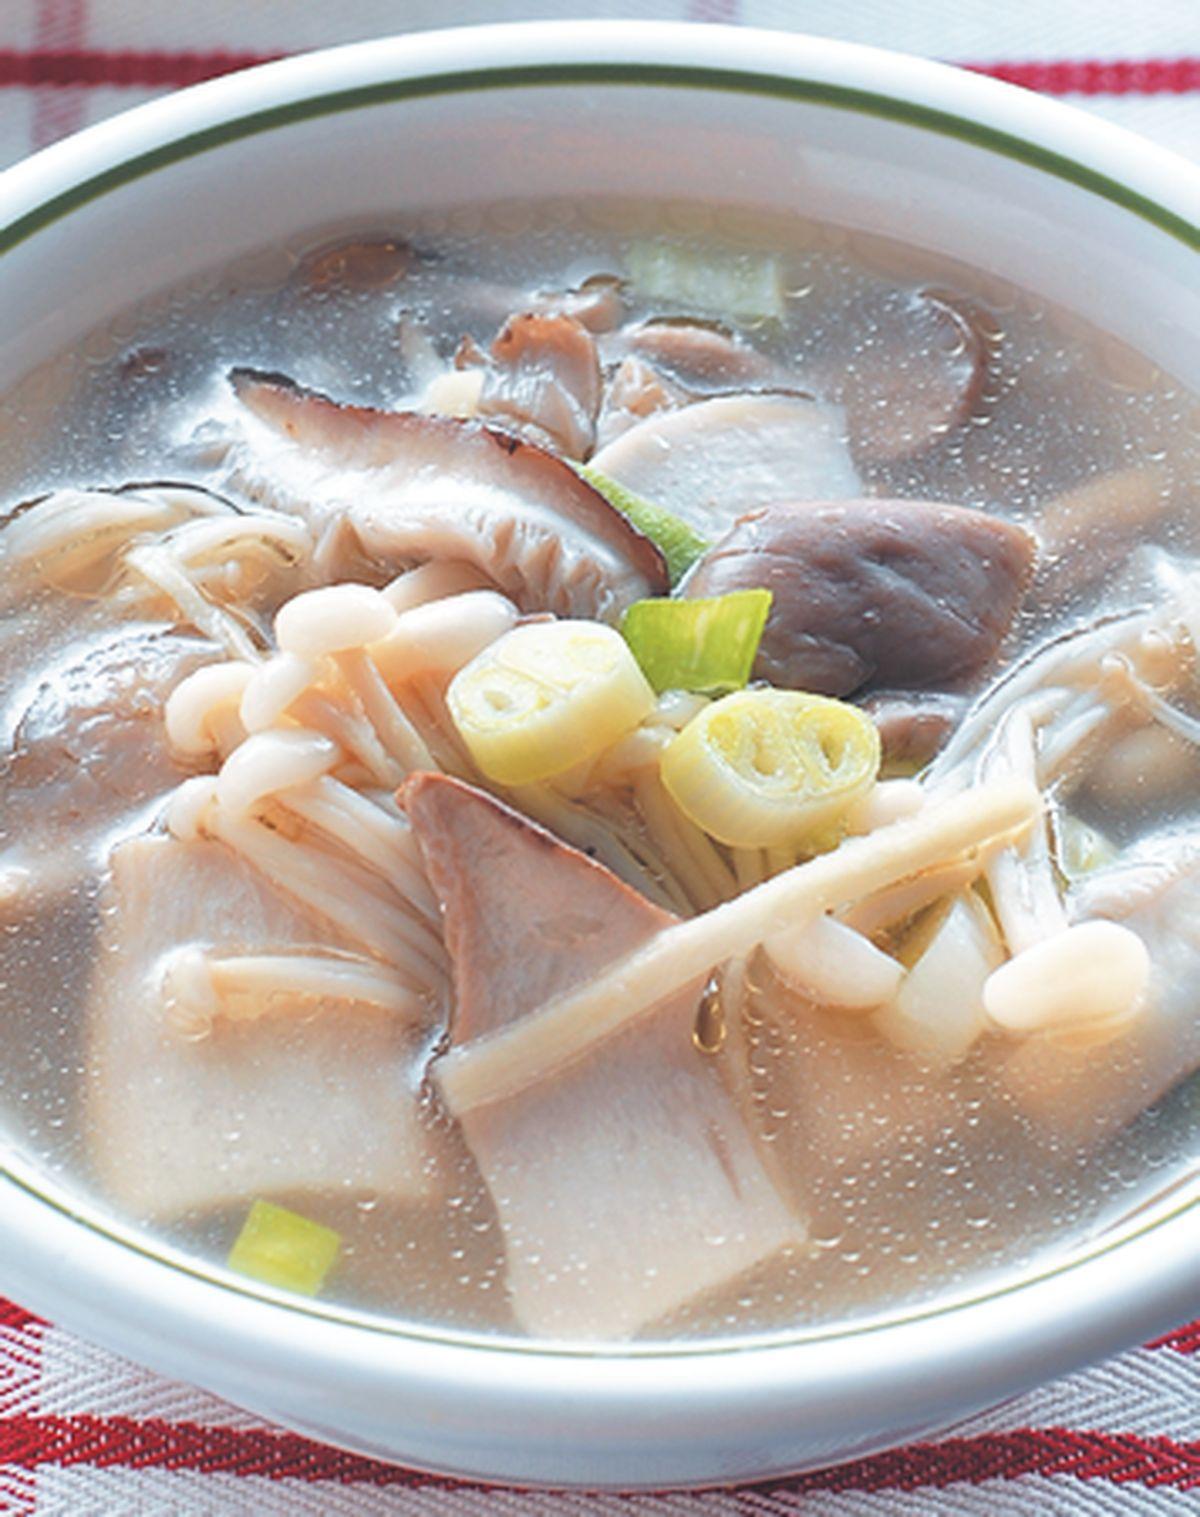 食譜:什錦菇湯